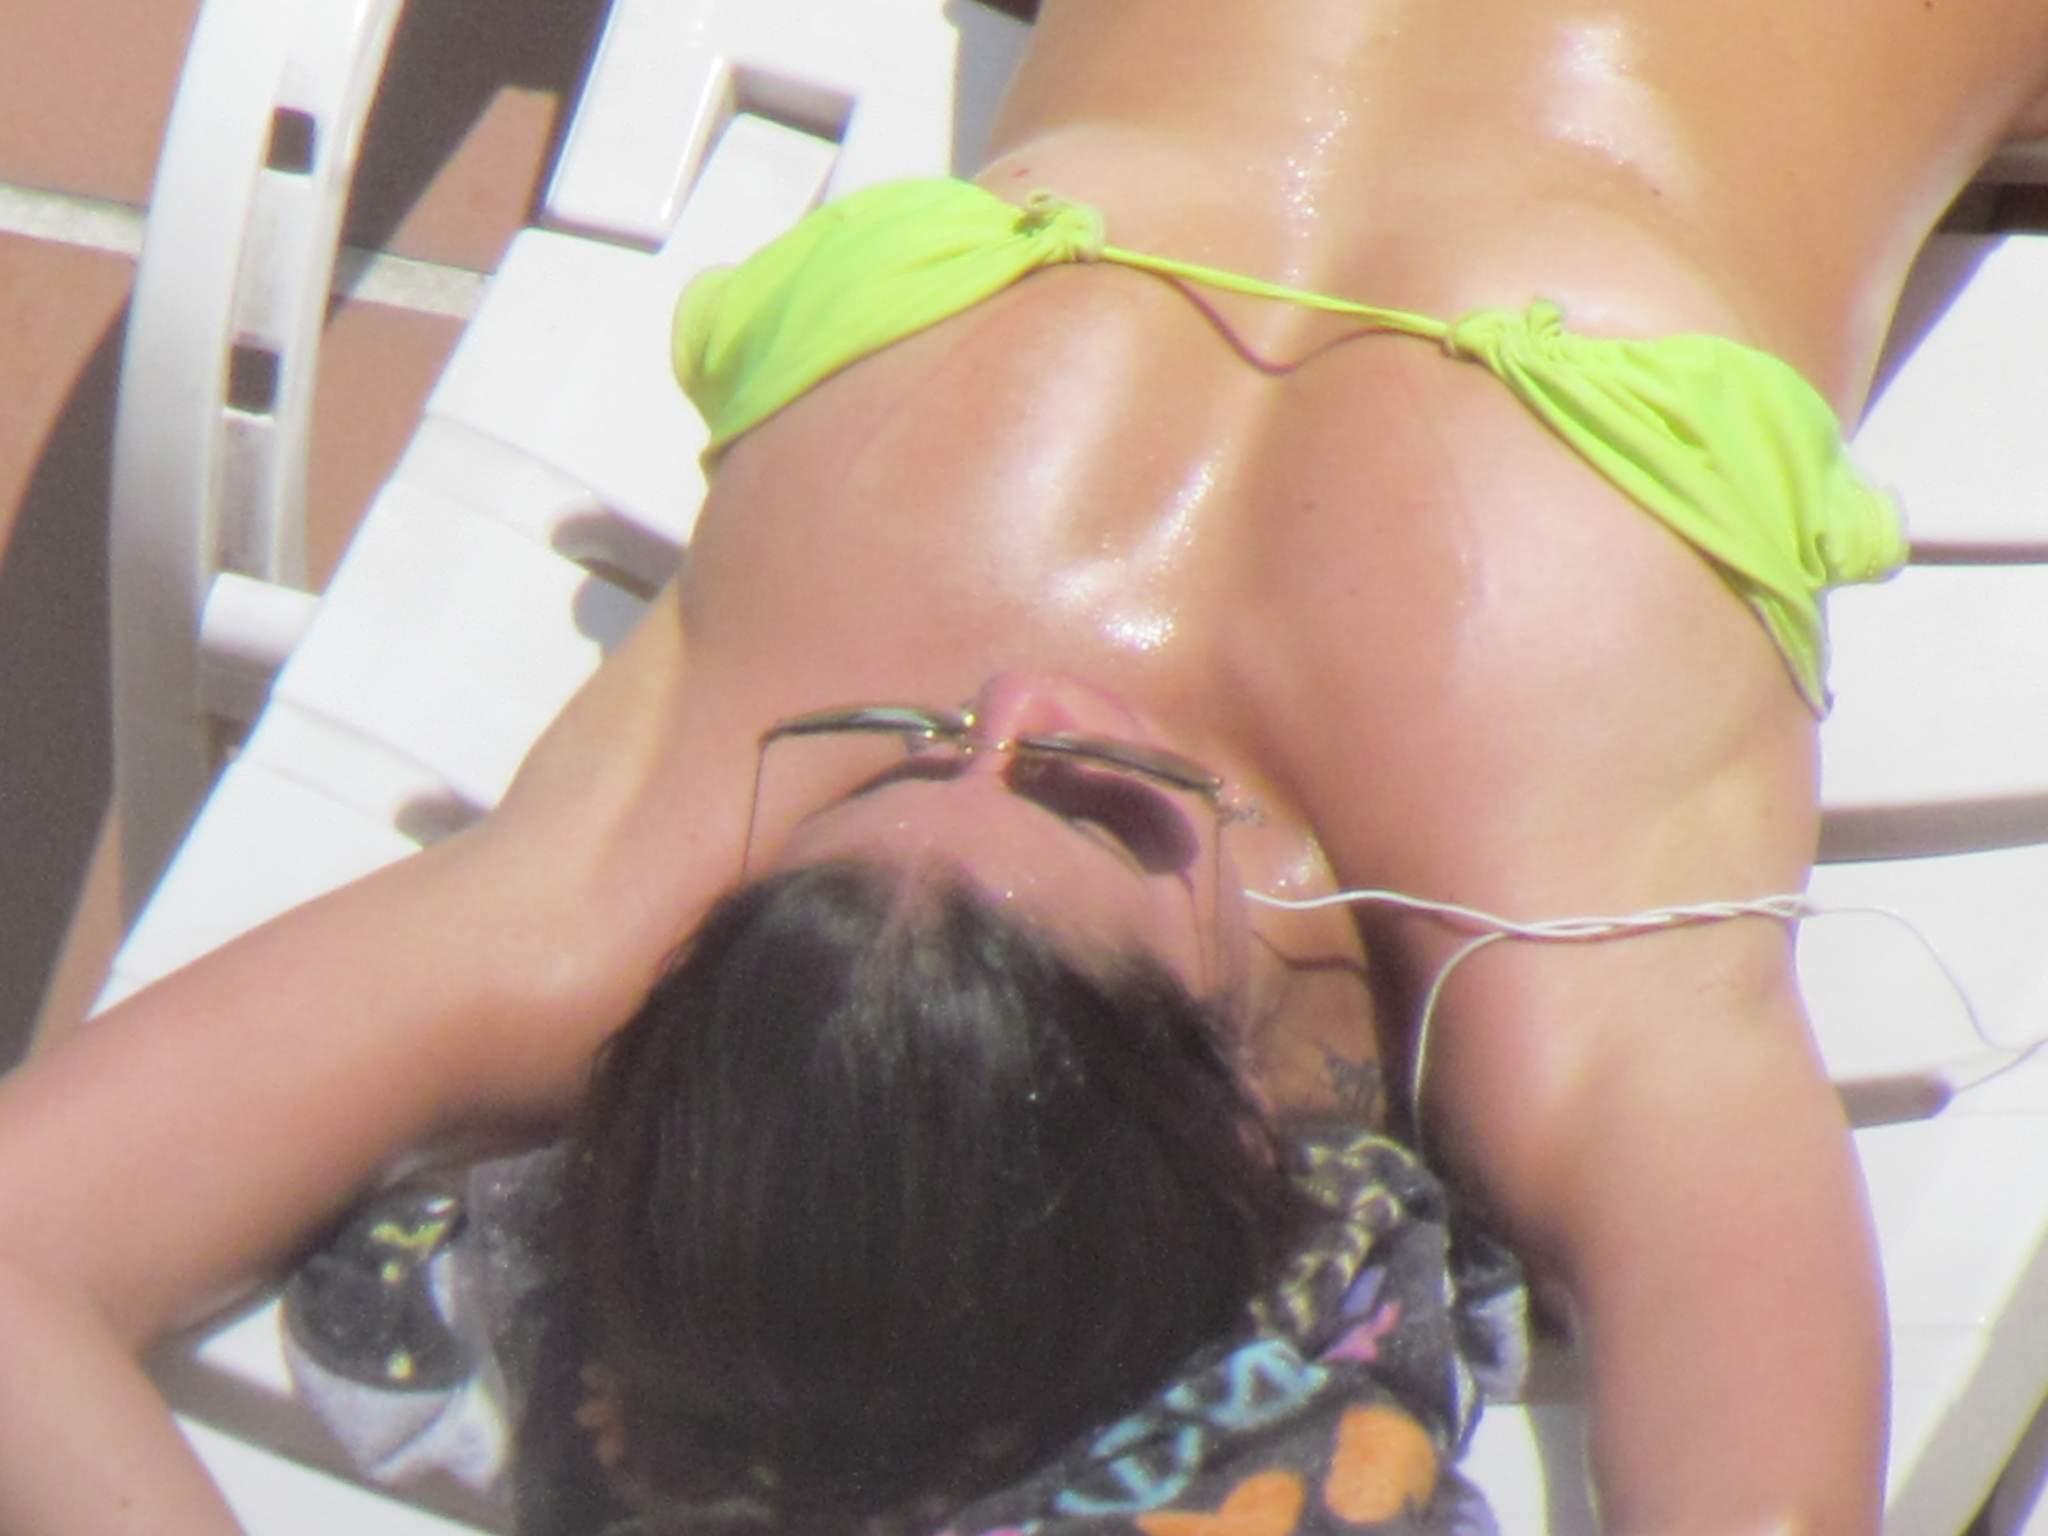 Vecinita argenta tomando sol - Fotos con teleobjetivo